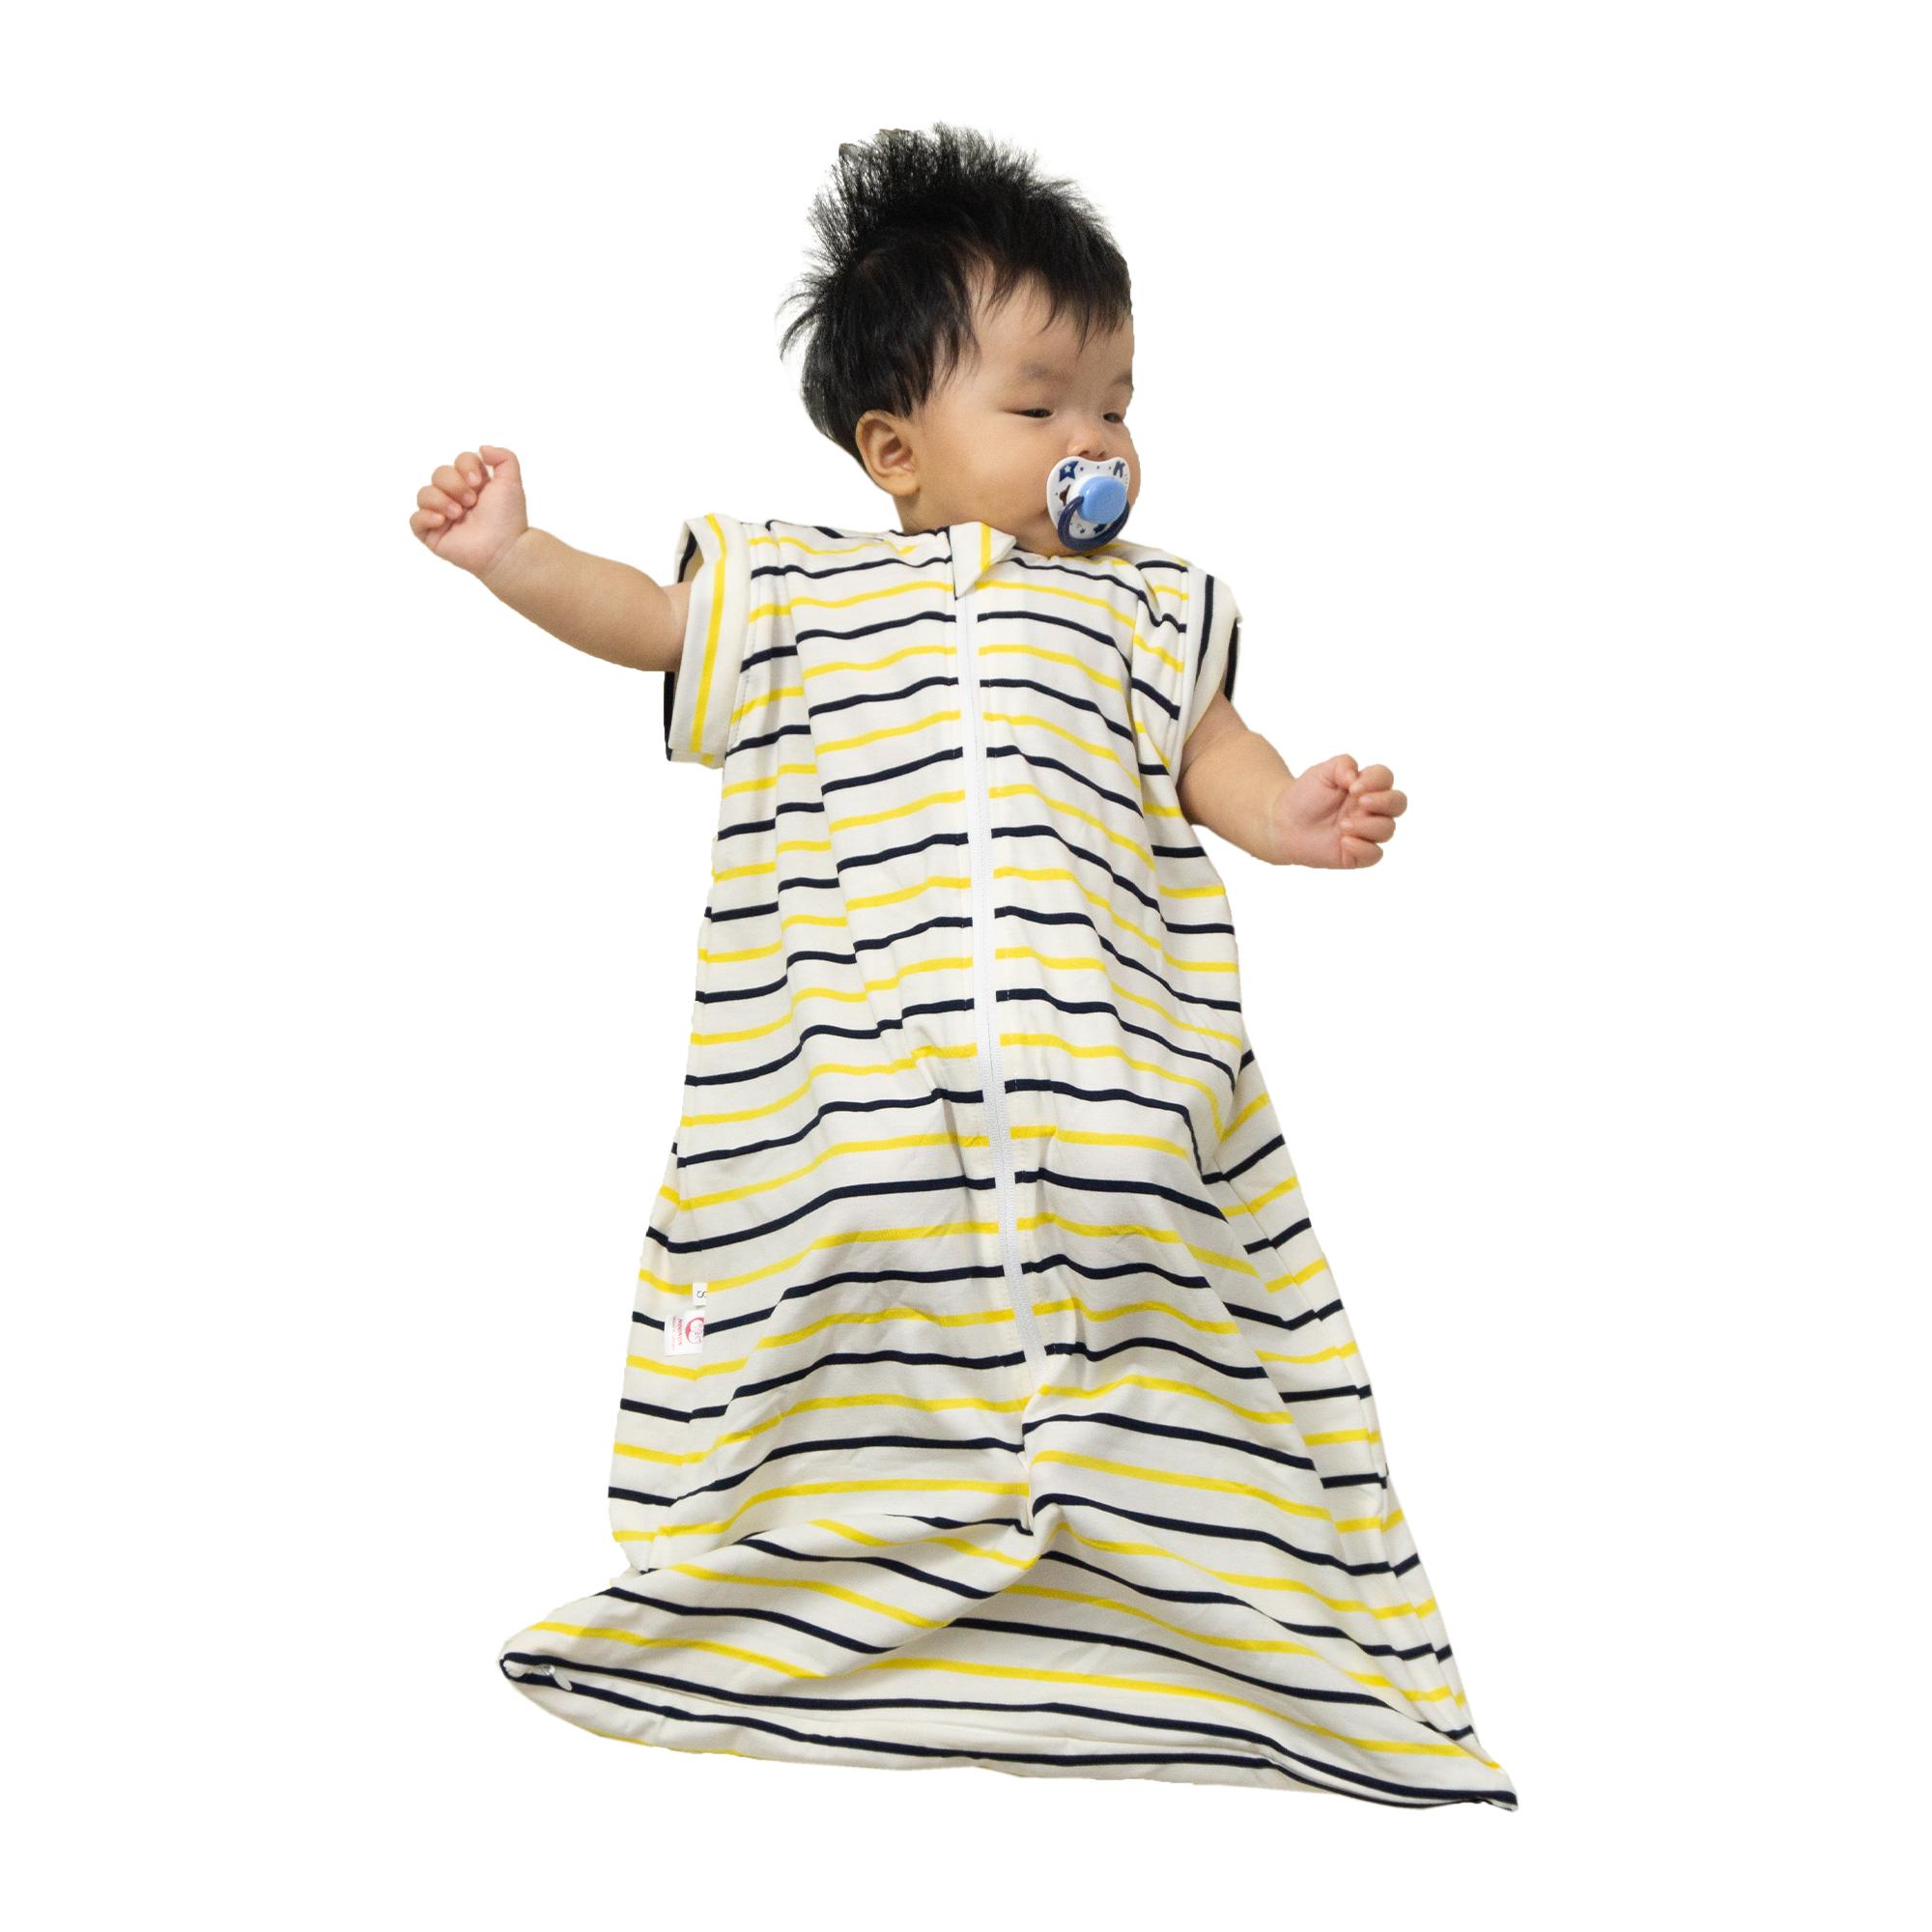 Túi Ngủ Cho Bé Dùng Hè Thu - Tặng Kèm Tay Áo - Vải cotton co giãn 4 Chiều An Toàn Cho Bé